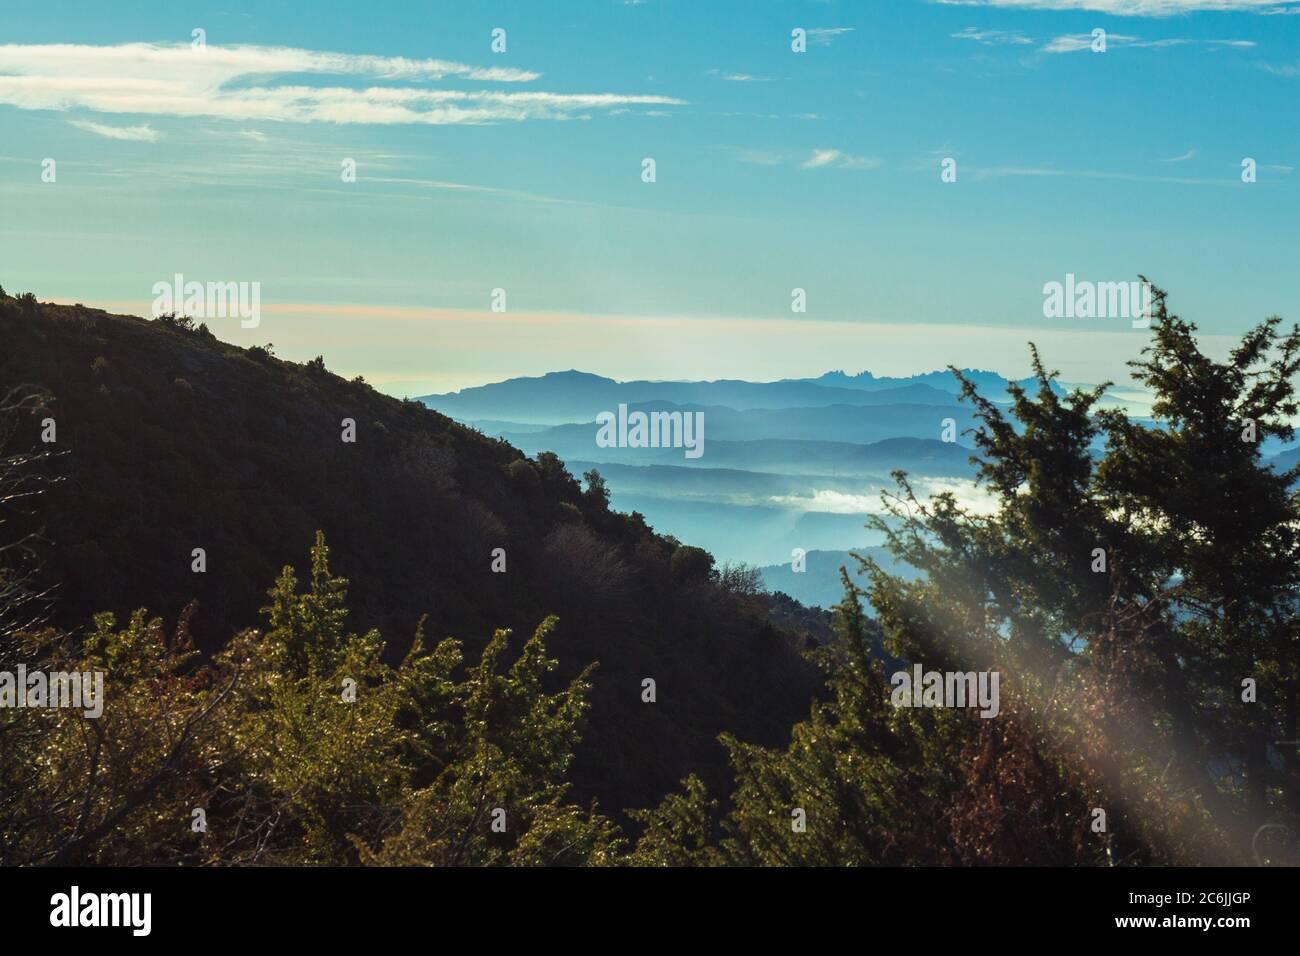 Le parc naturel de Montseny se trouve dans la chaîne de montagnes catalane pré-côtière. Elle s'étend sur 31,063.94 hectares et se trouve à 50 km de Barcelone et à 25 km de la ville Banque D'Images